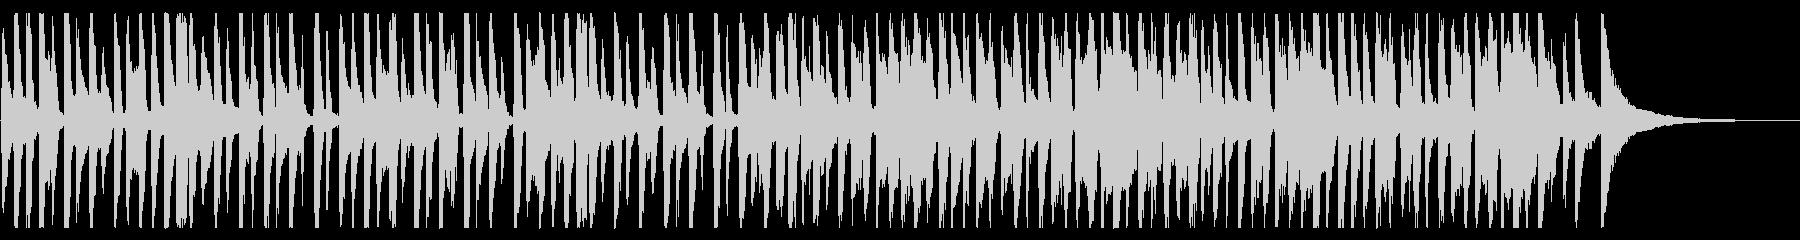 ラフなレゲエ_5の未再生の波形